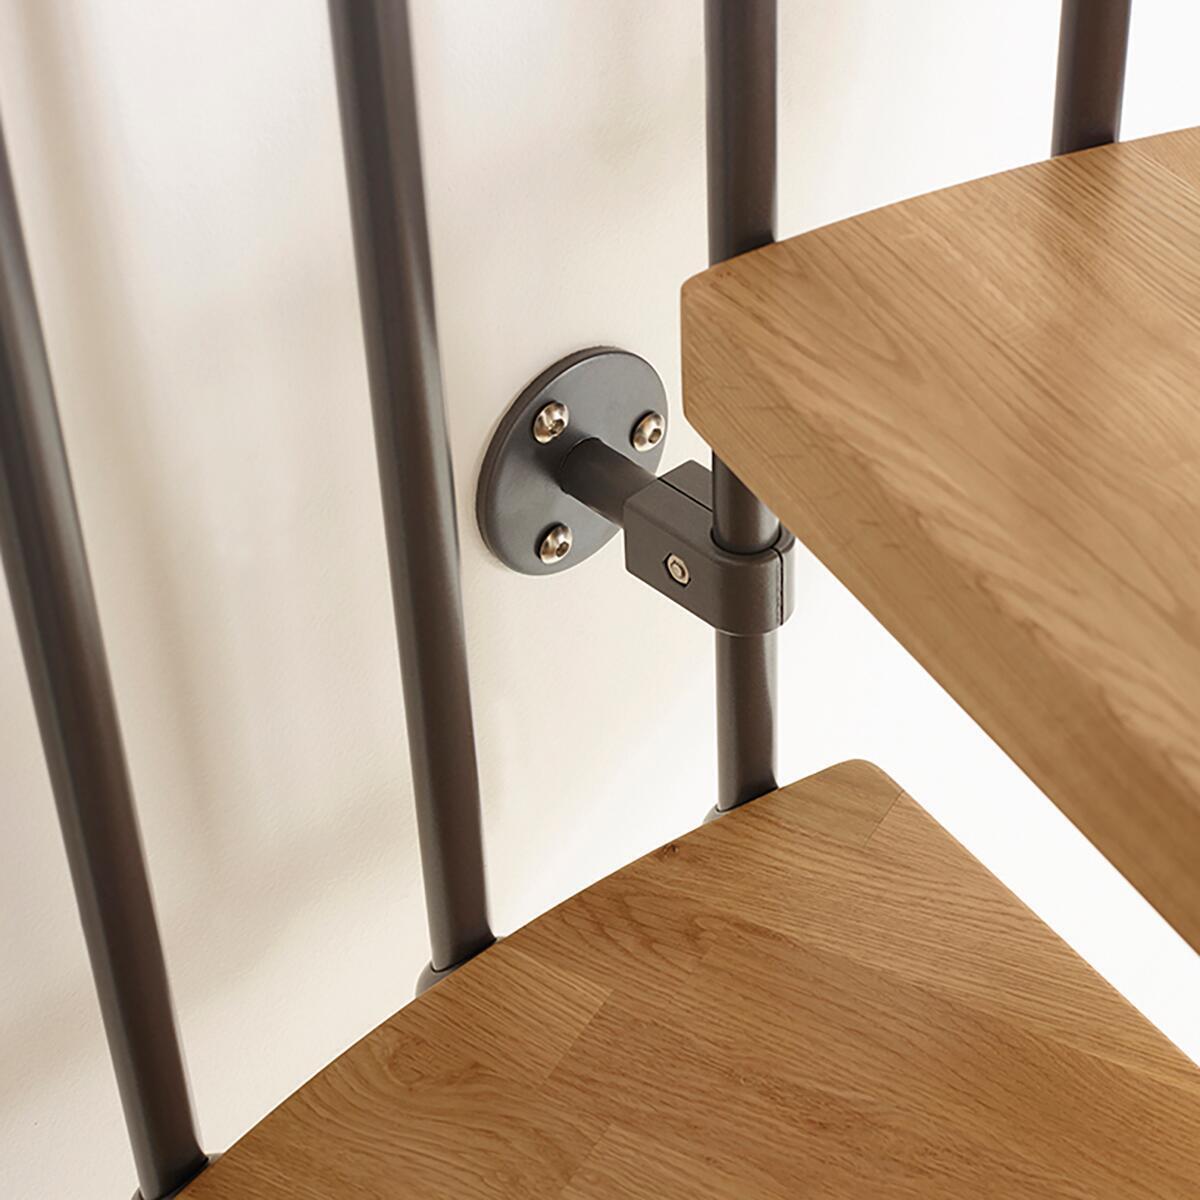 Scala a chiocciola tonda Oak FONTANOT L 130 cm, gradino naturale, struttura antracite - 9